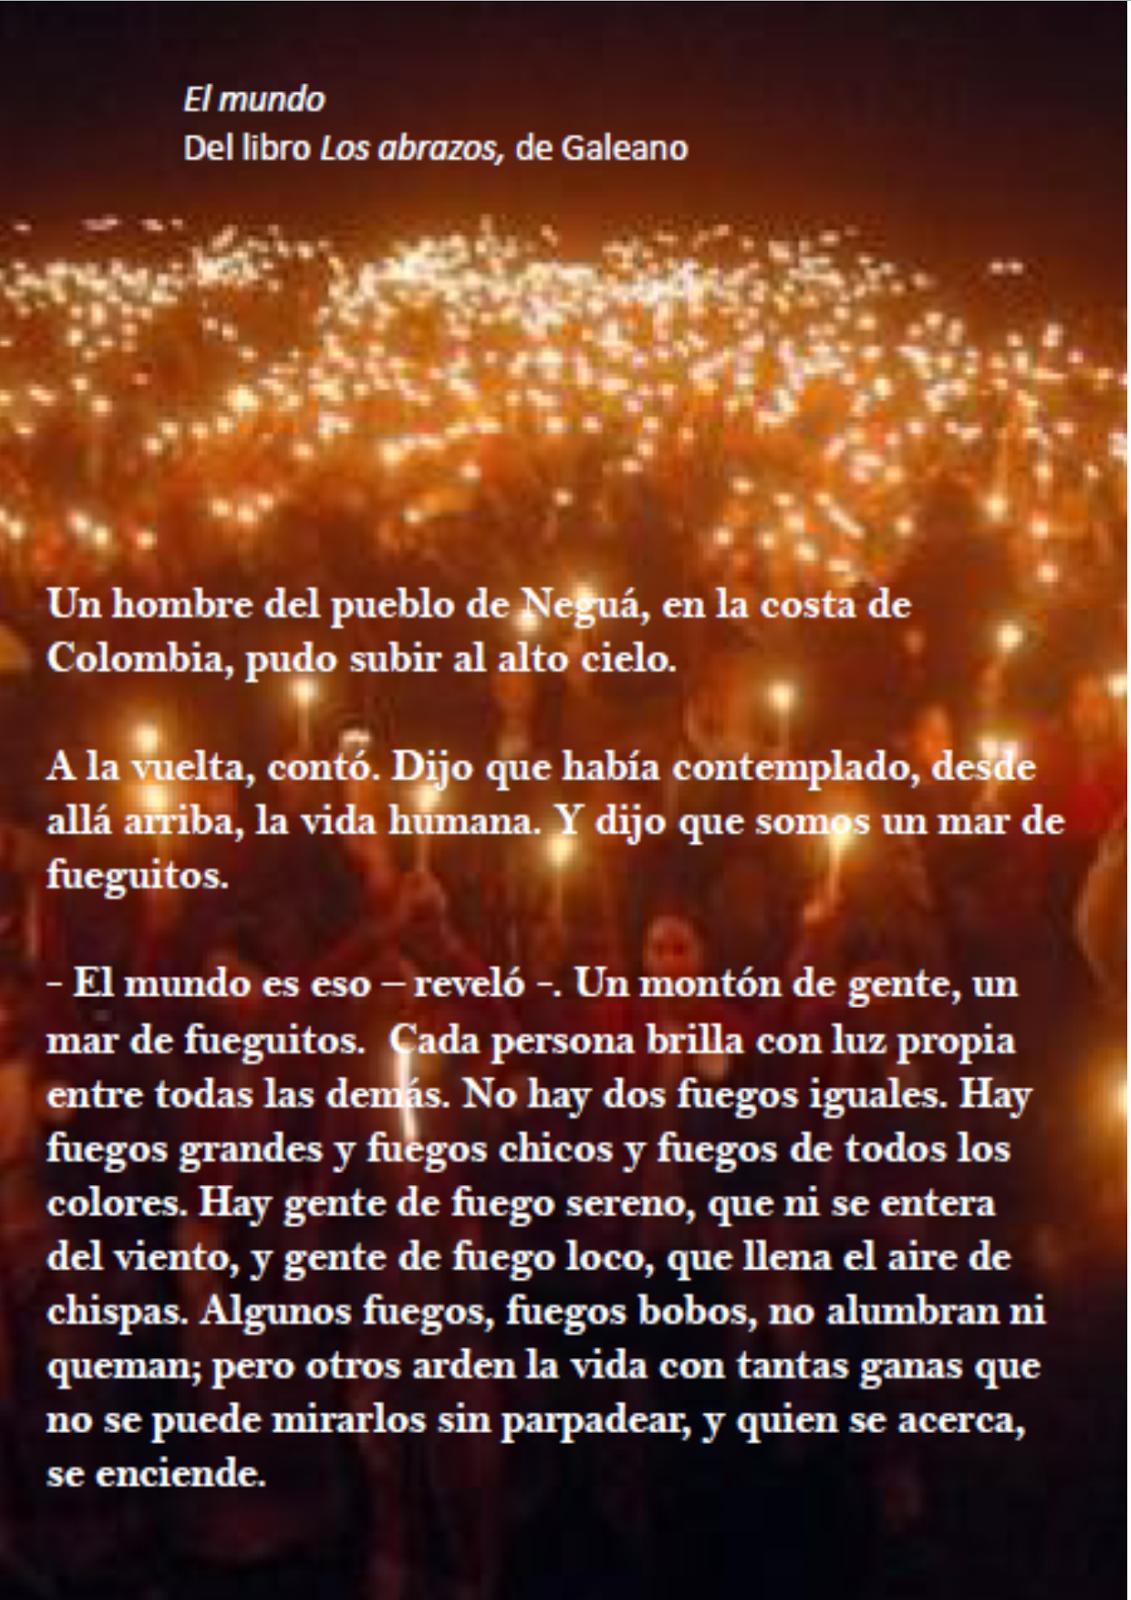 http://2.bp.blogspot.com/-6B8d5pZb9xs/UnuQ-13tI1I/AAAAAAAAAMM/I_rxCsDEoss/s1600/Fueguitos+Galeano.png